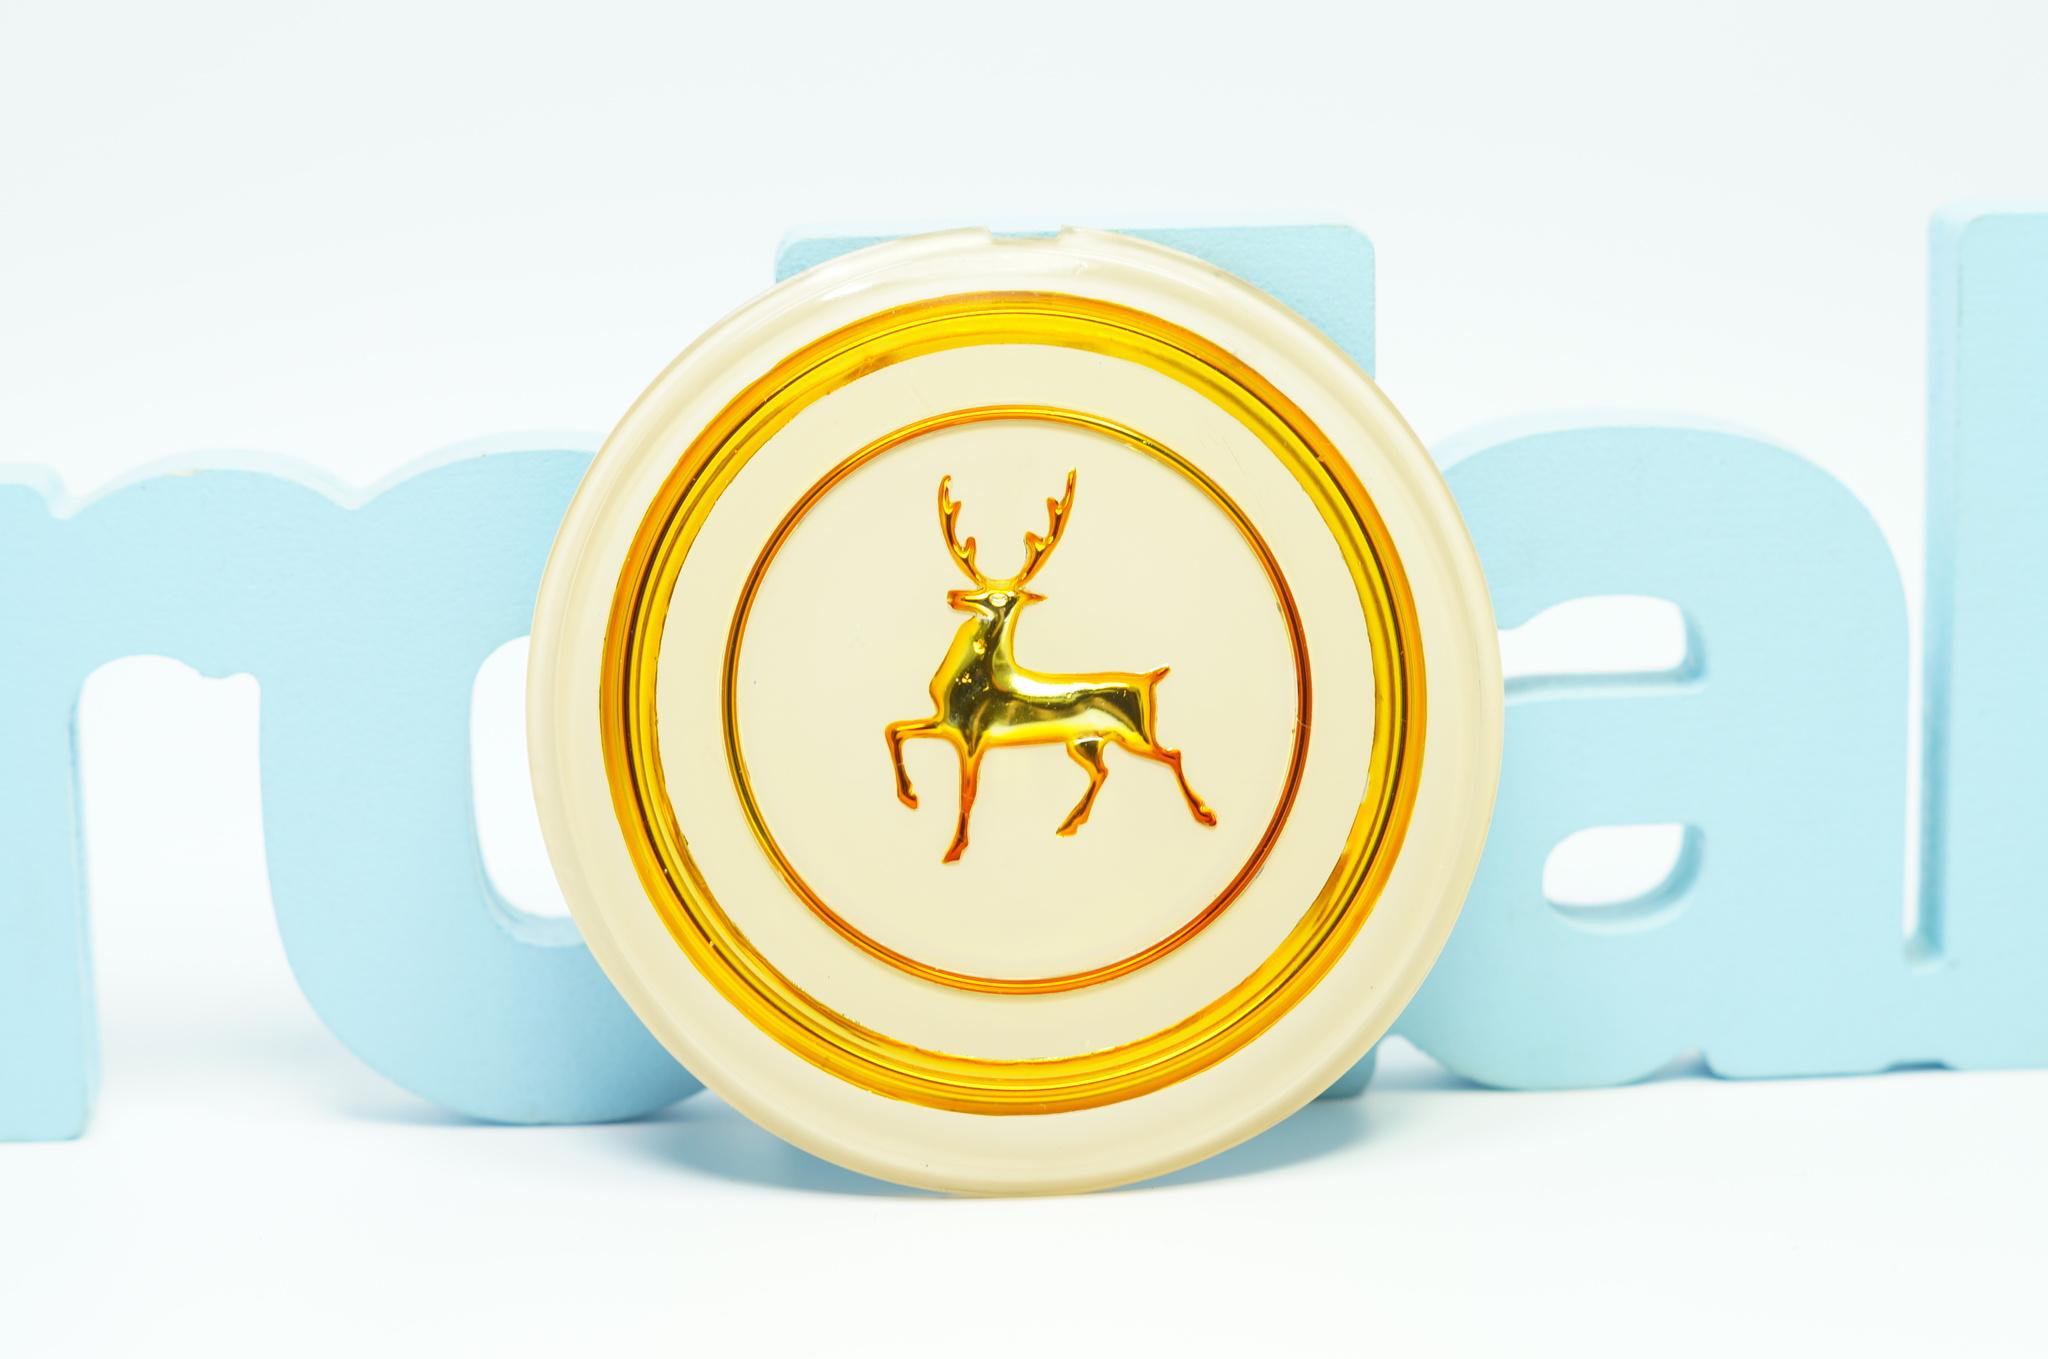 Эмблема рулевого колеса золото Газ 21 2 серии